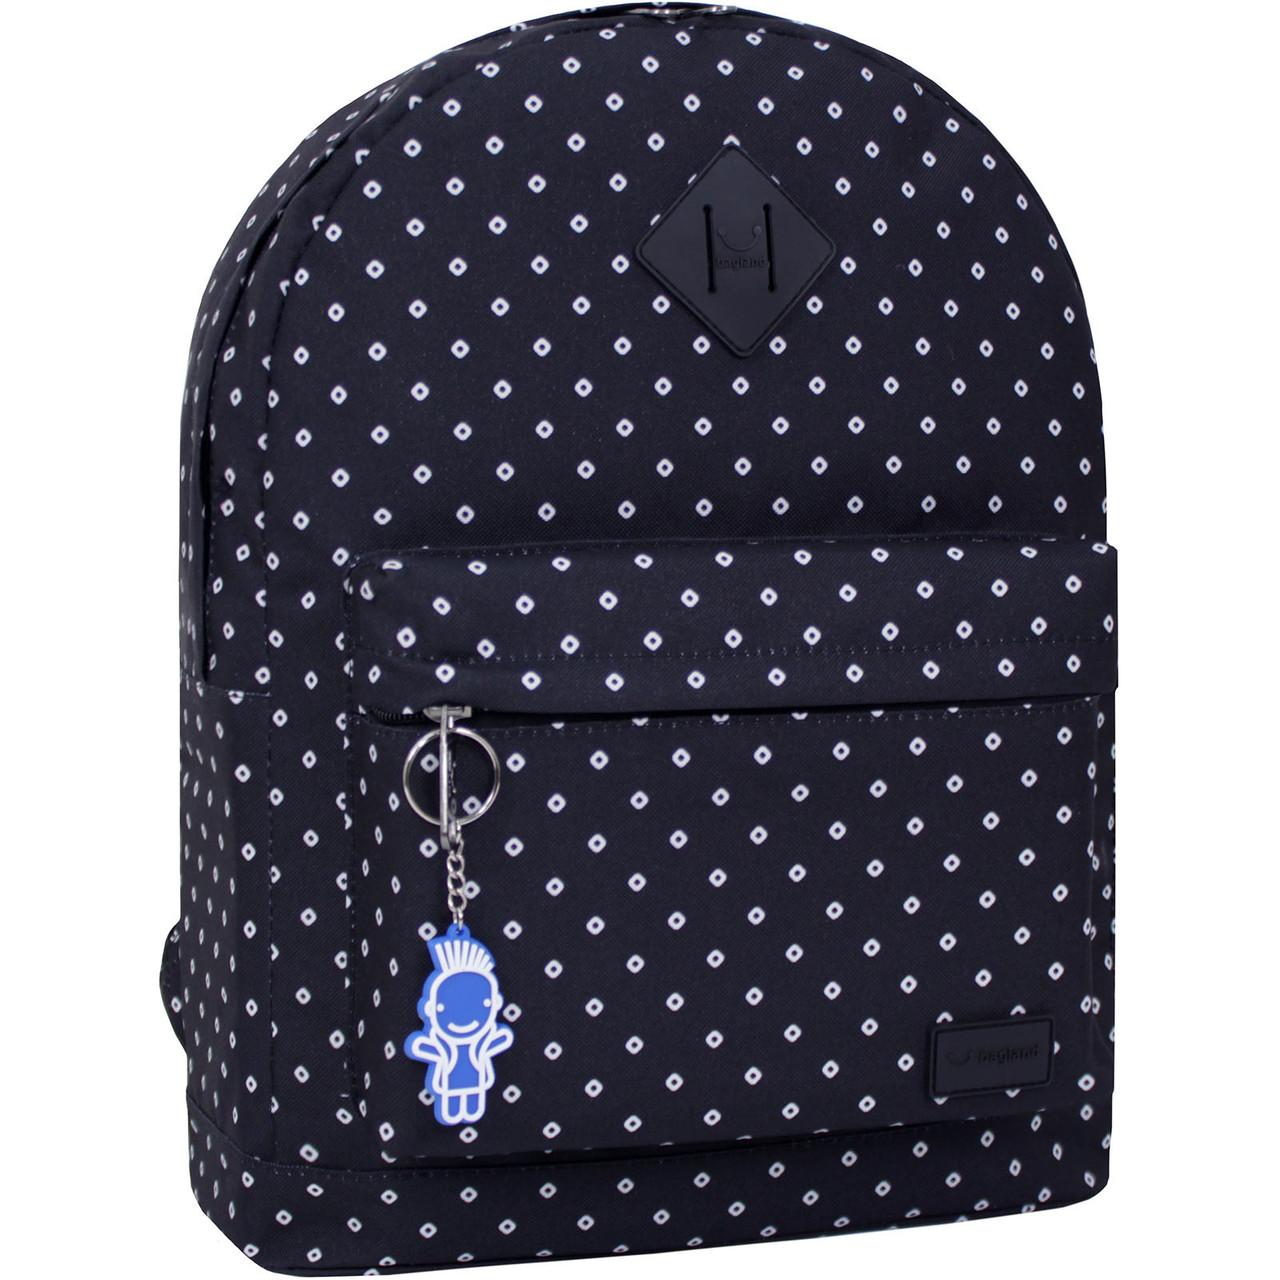 Рюкзак стильный Bagland городской молодежный на 17 л. сублимация 462